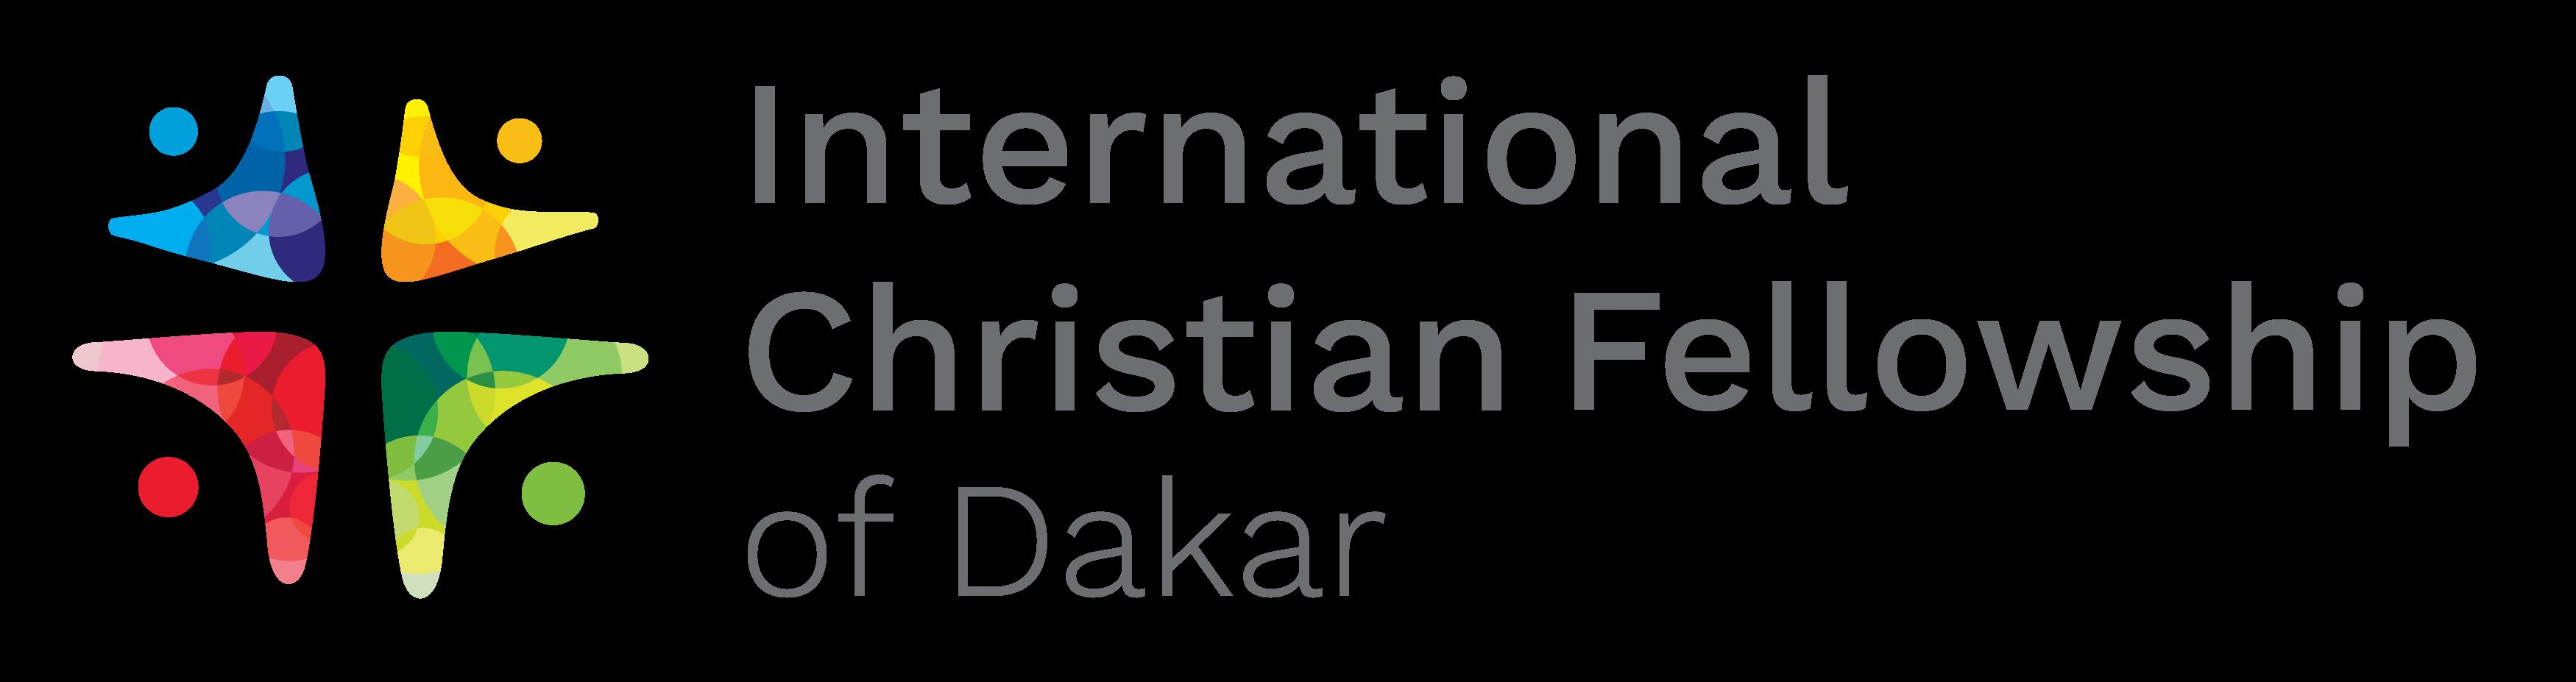 International Christian Fellowship of Dakar